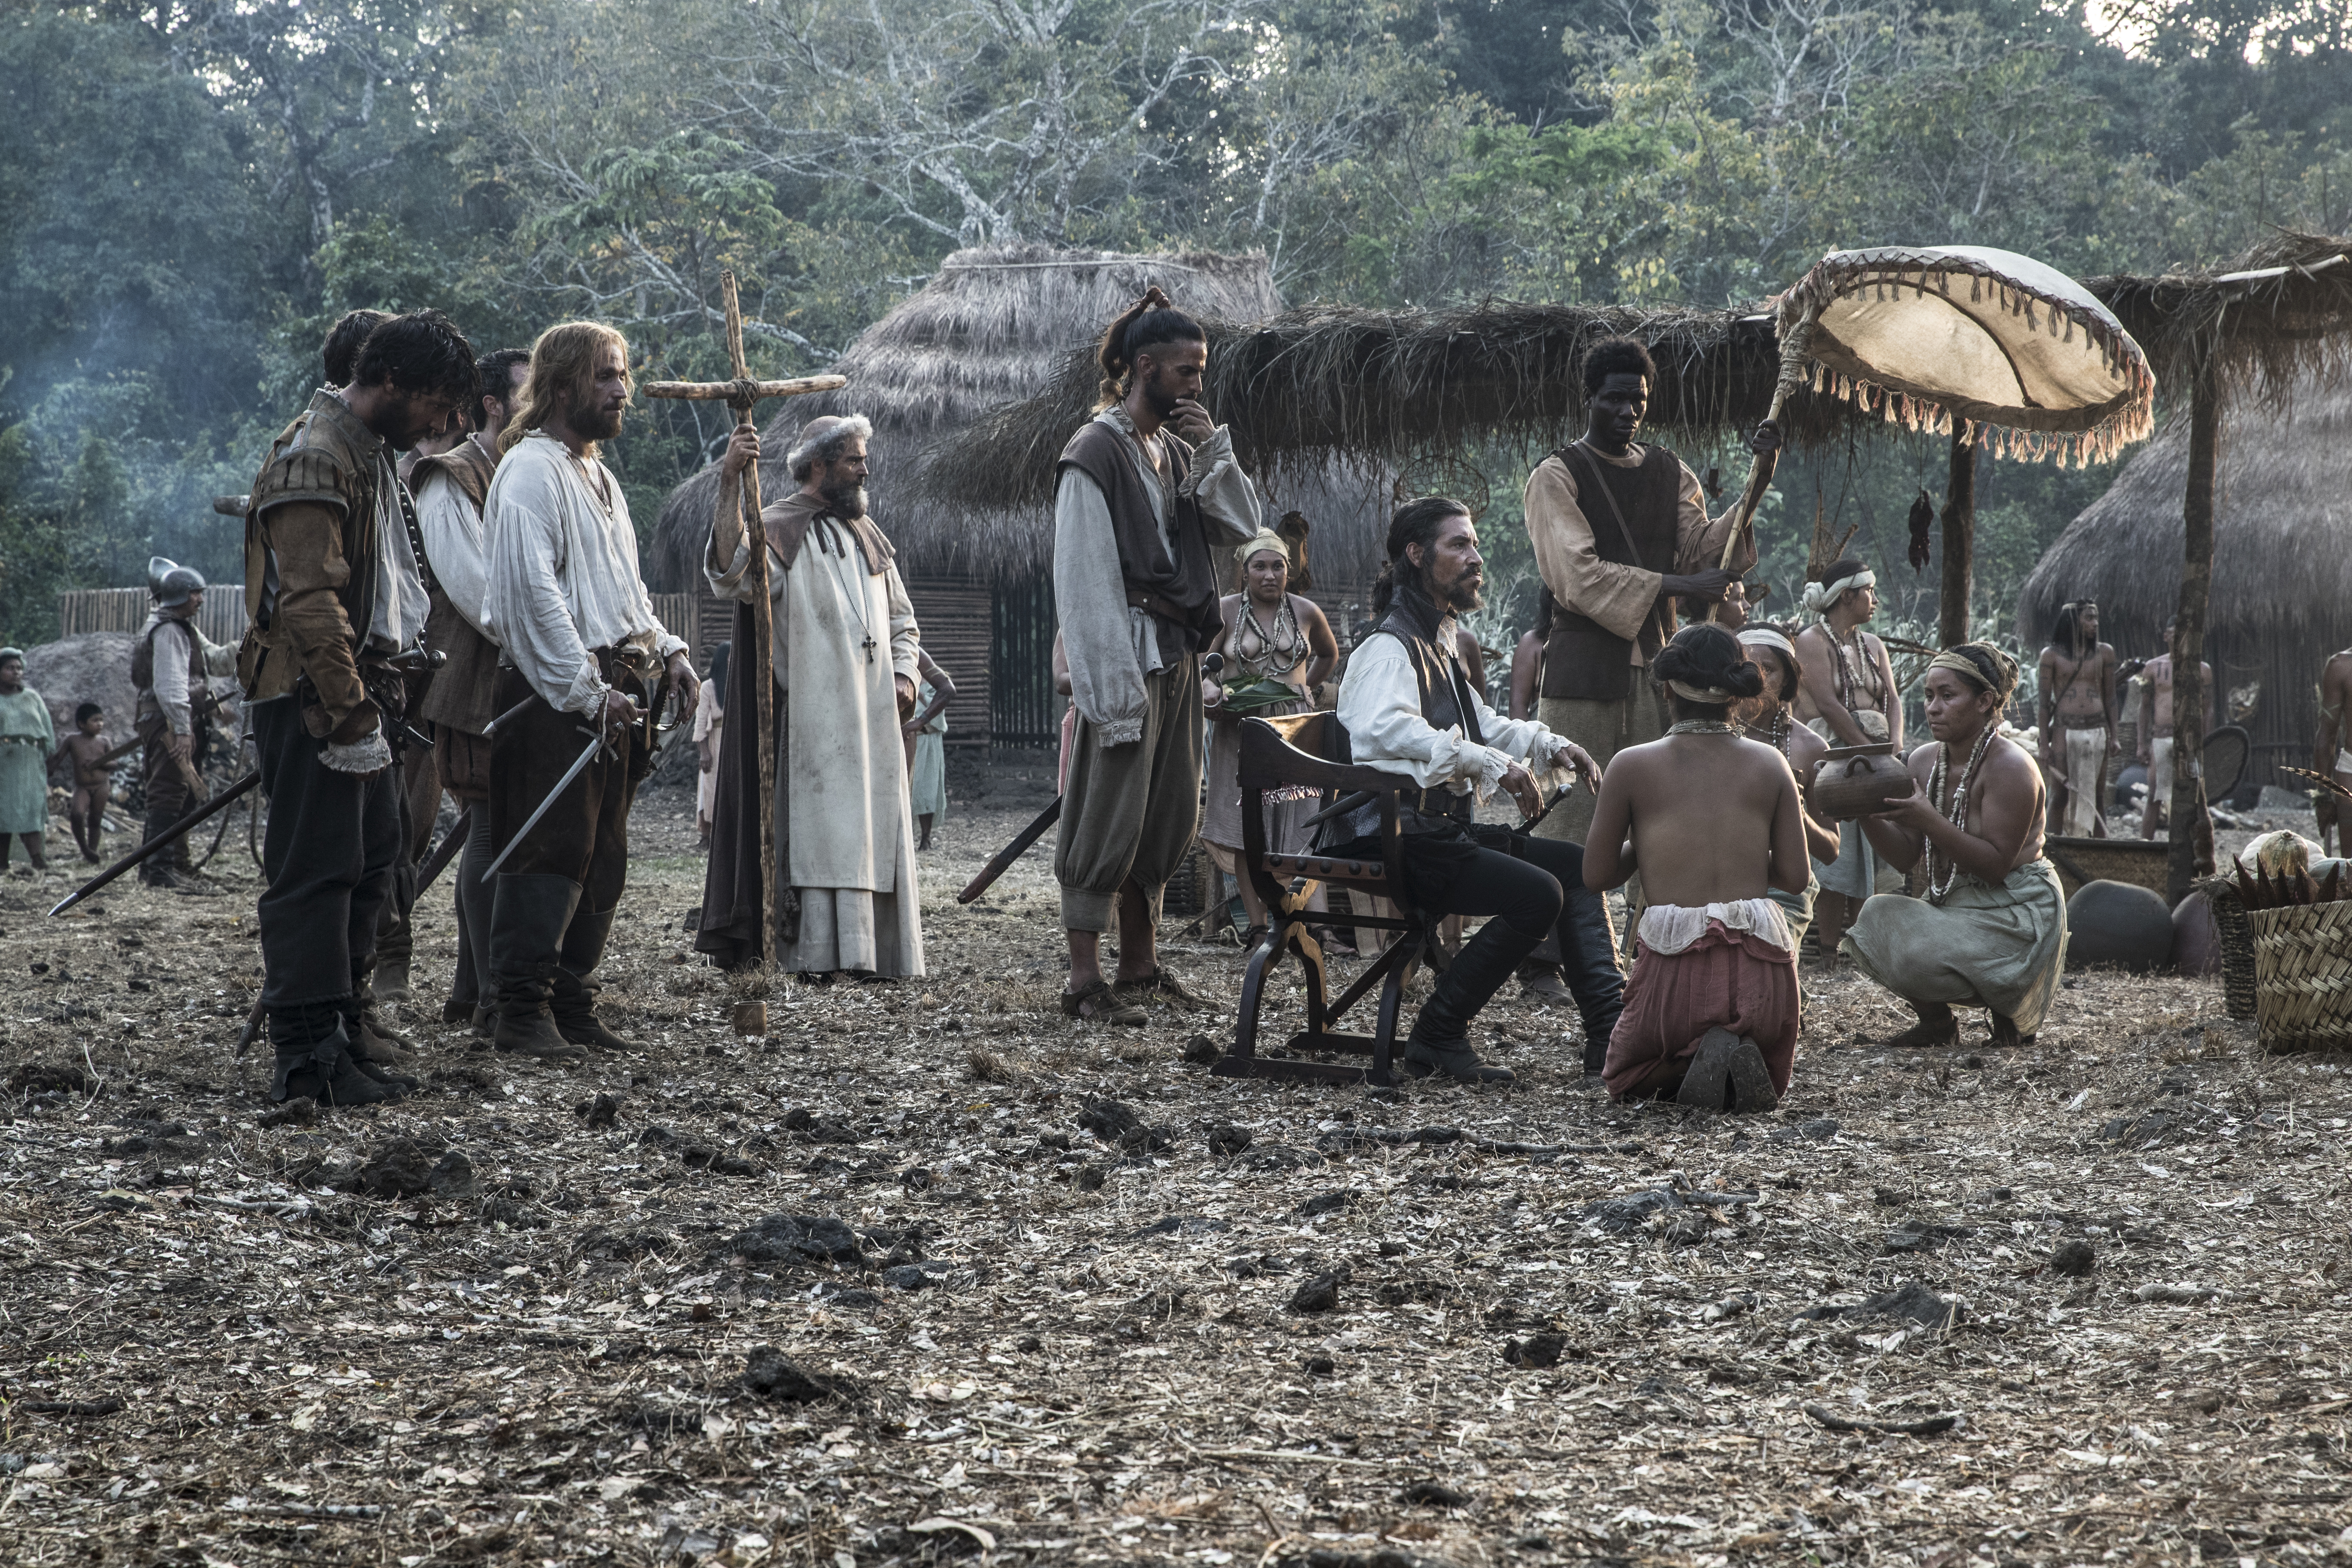 Grupo Salinas quiere producir películas y llevarlas al extranjero